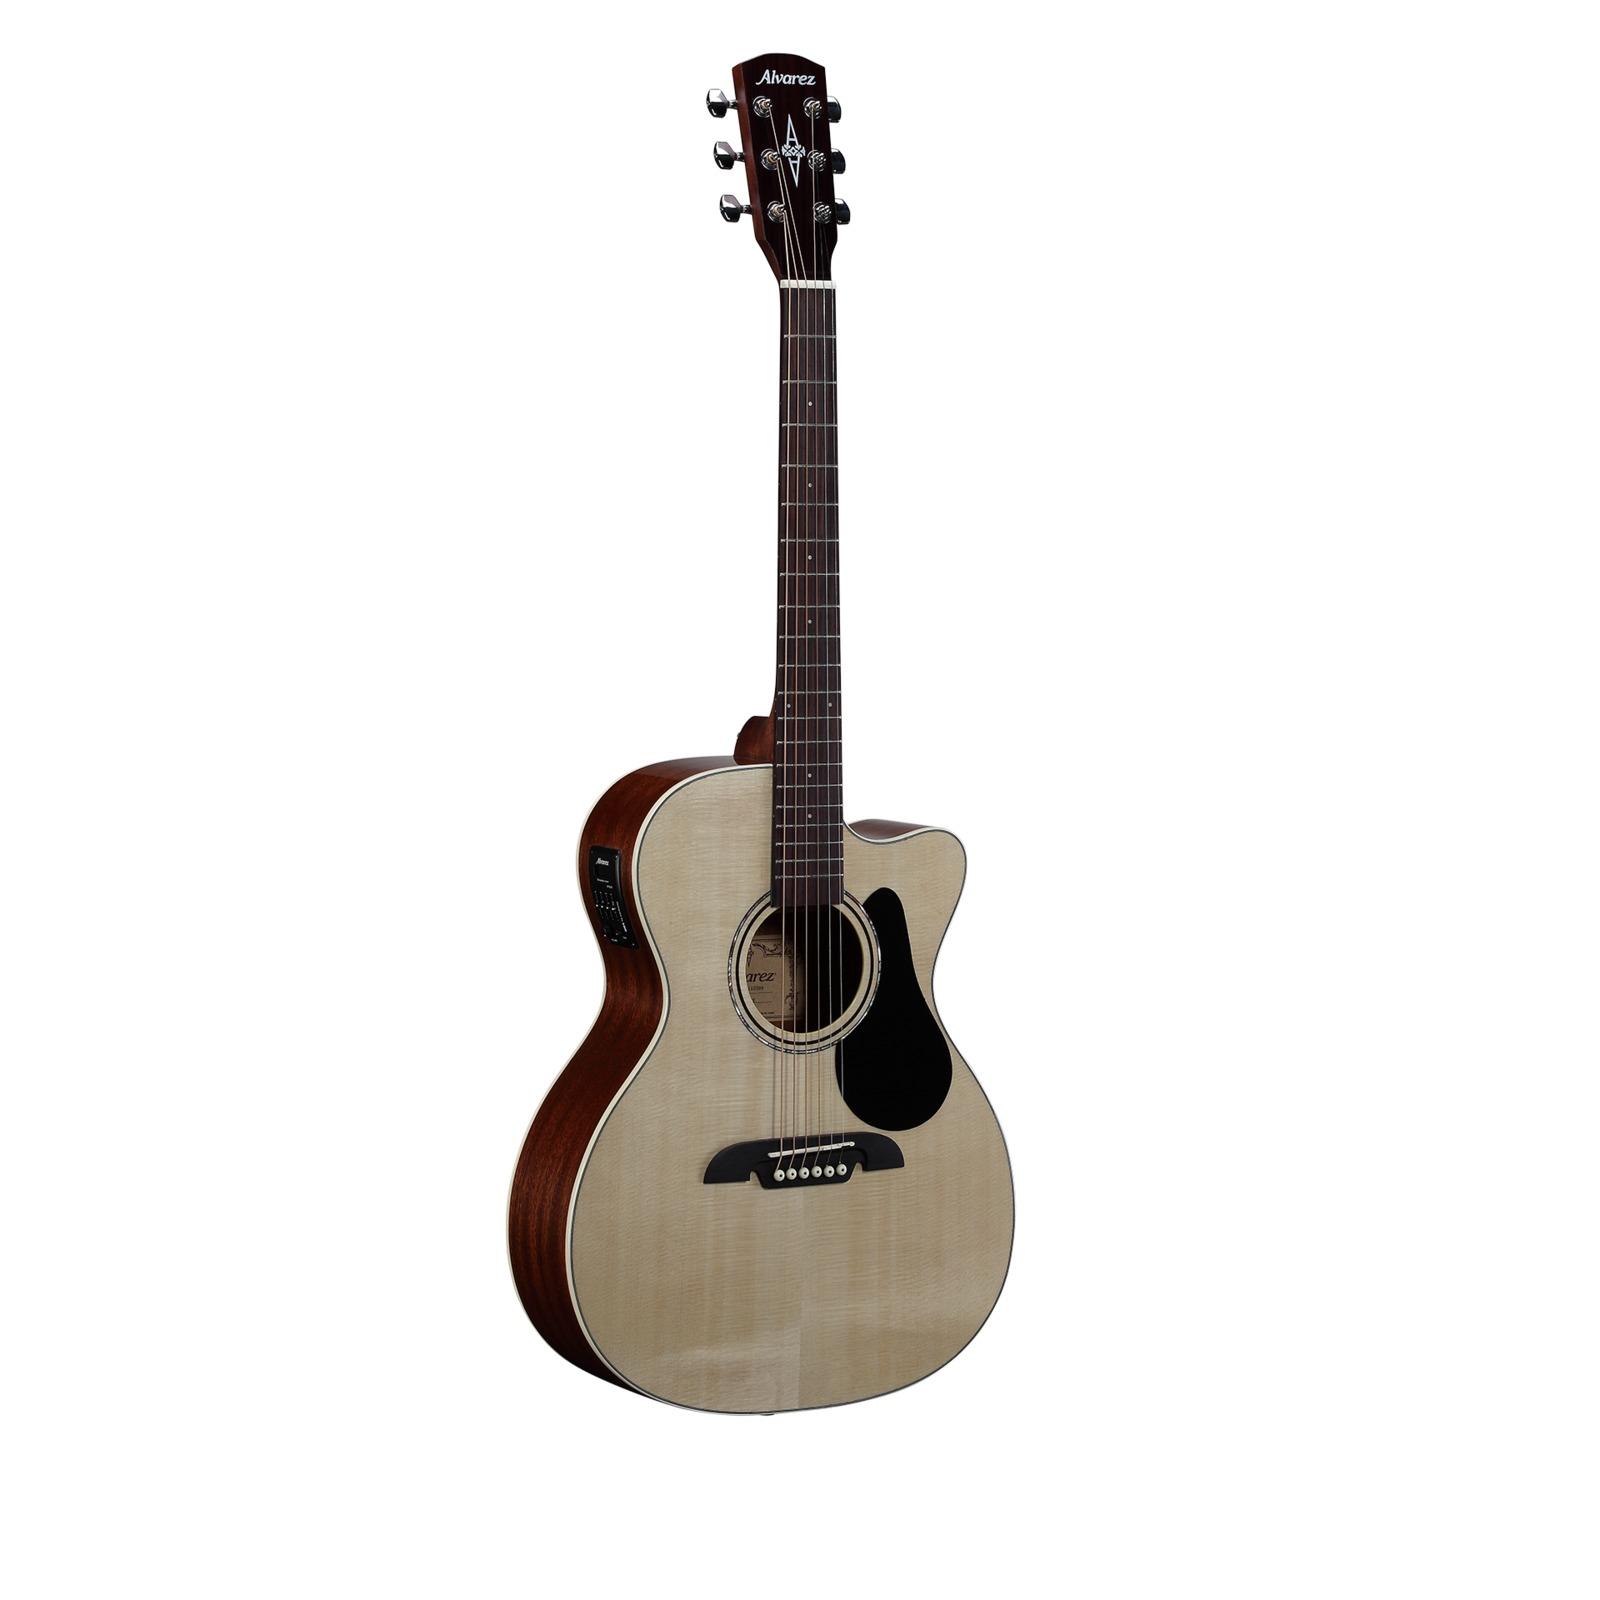 Alvarez RF26CE Acoustic Guitar image